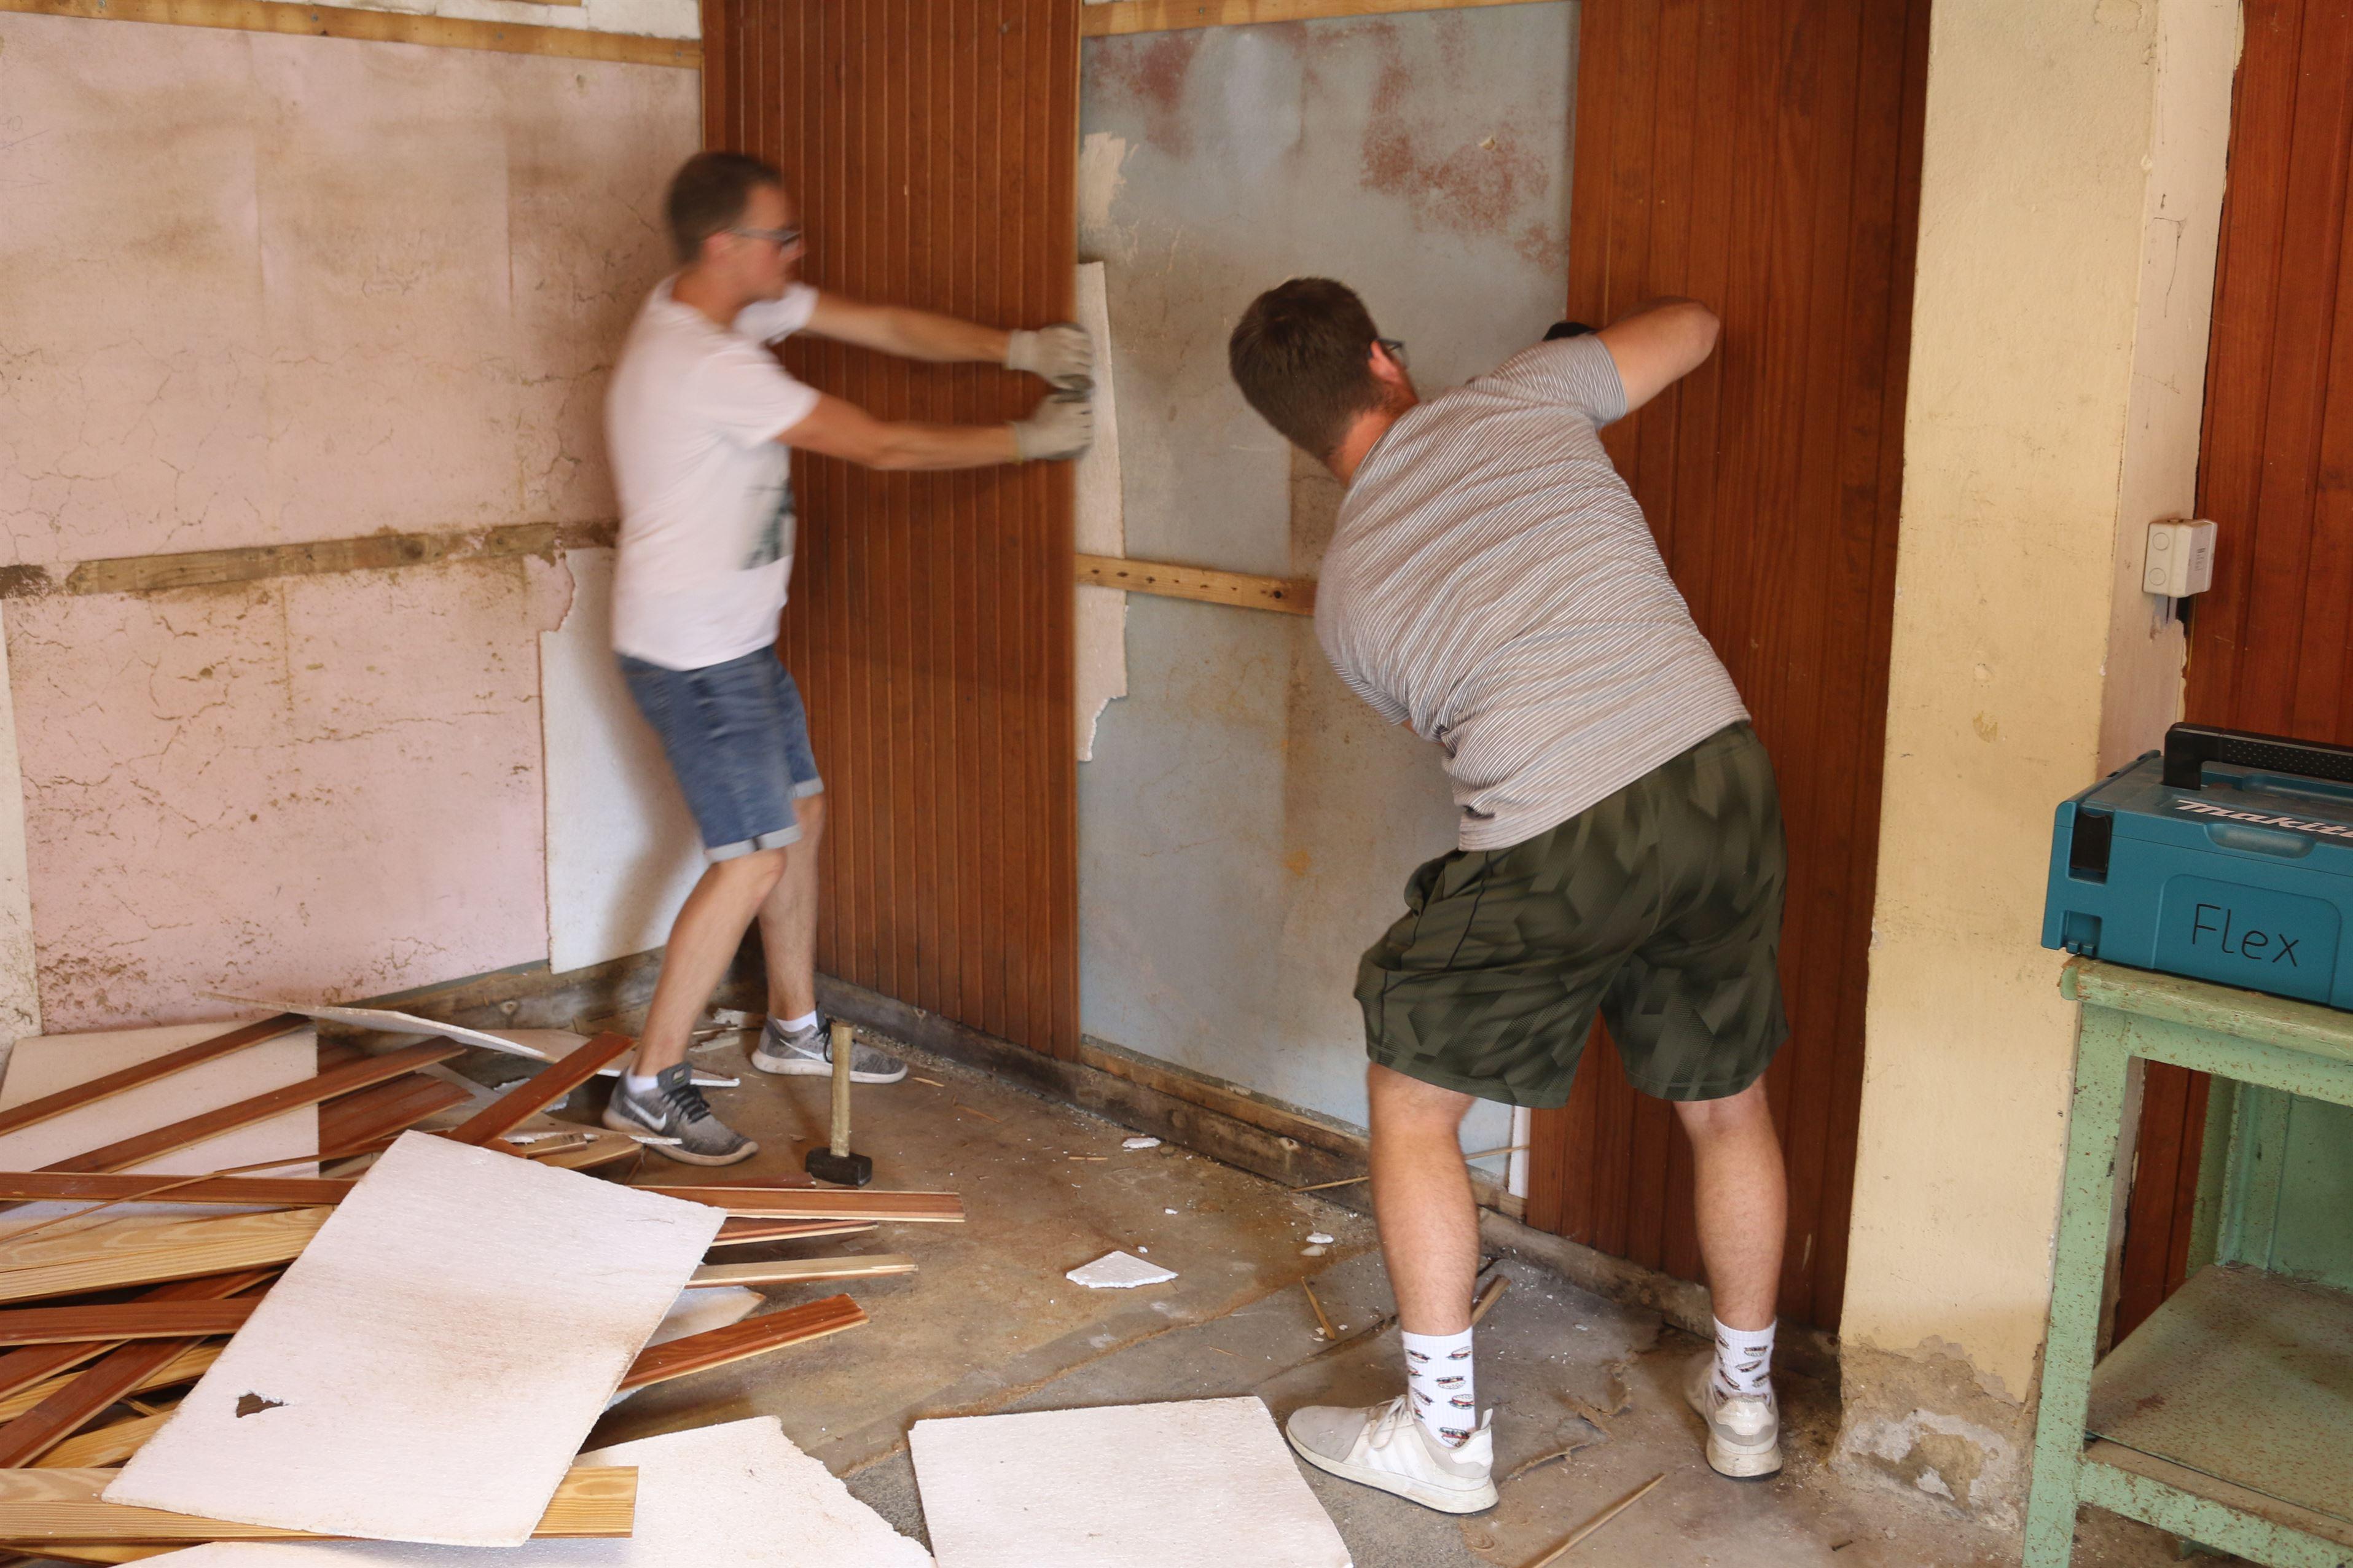 Abriss der alten Holzverkleidung